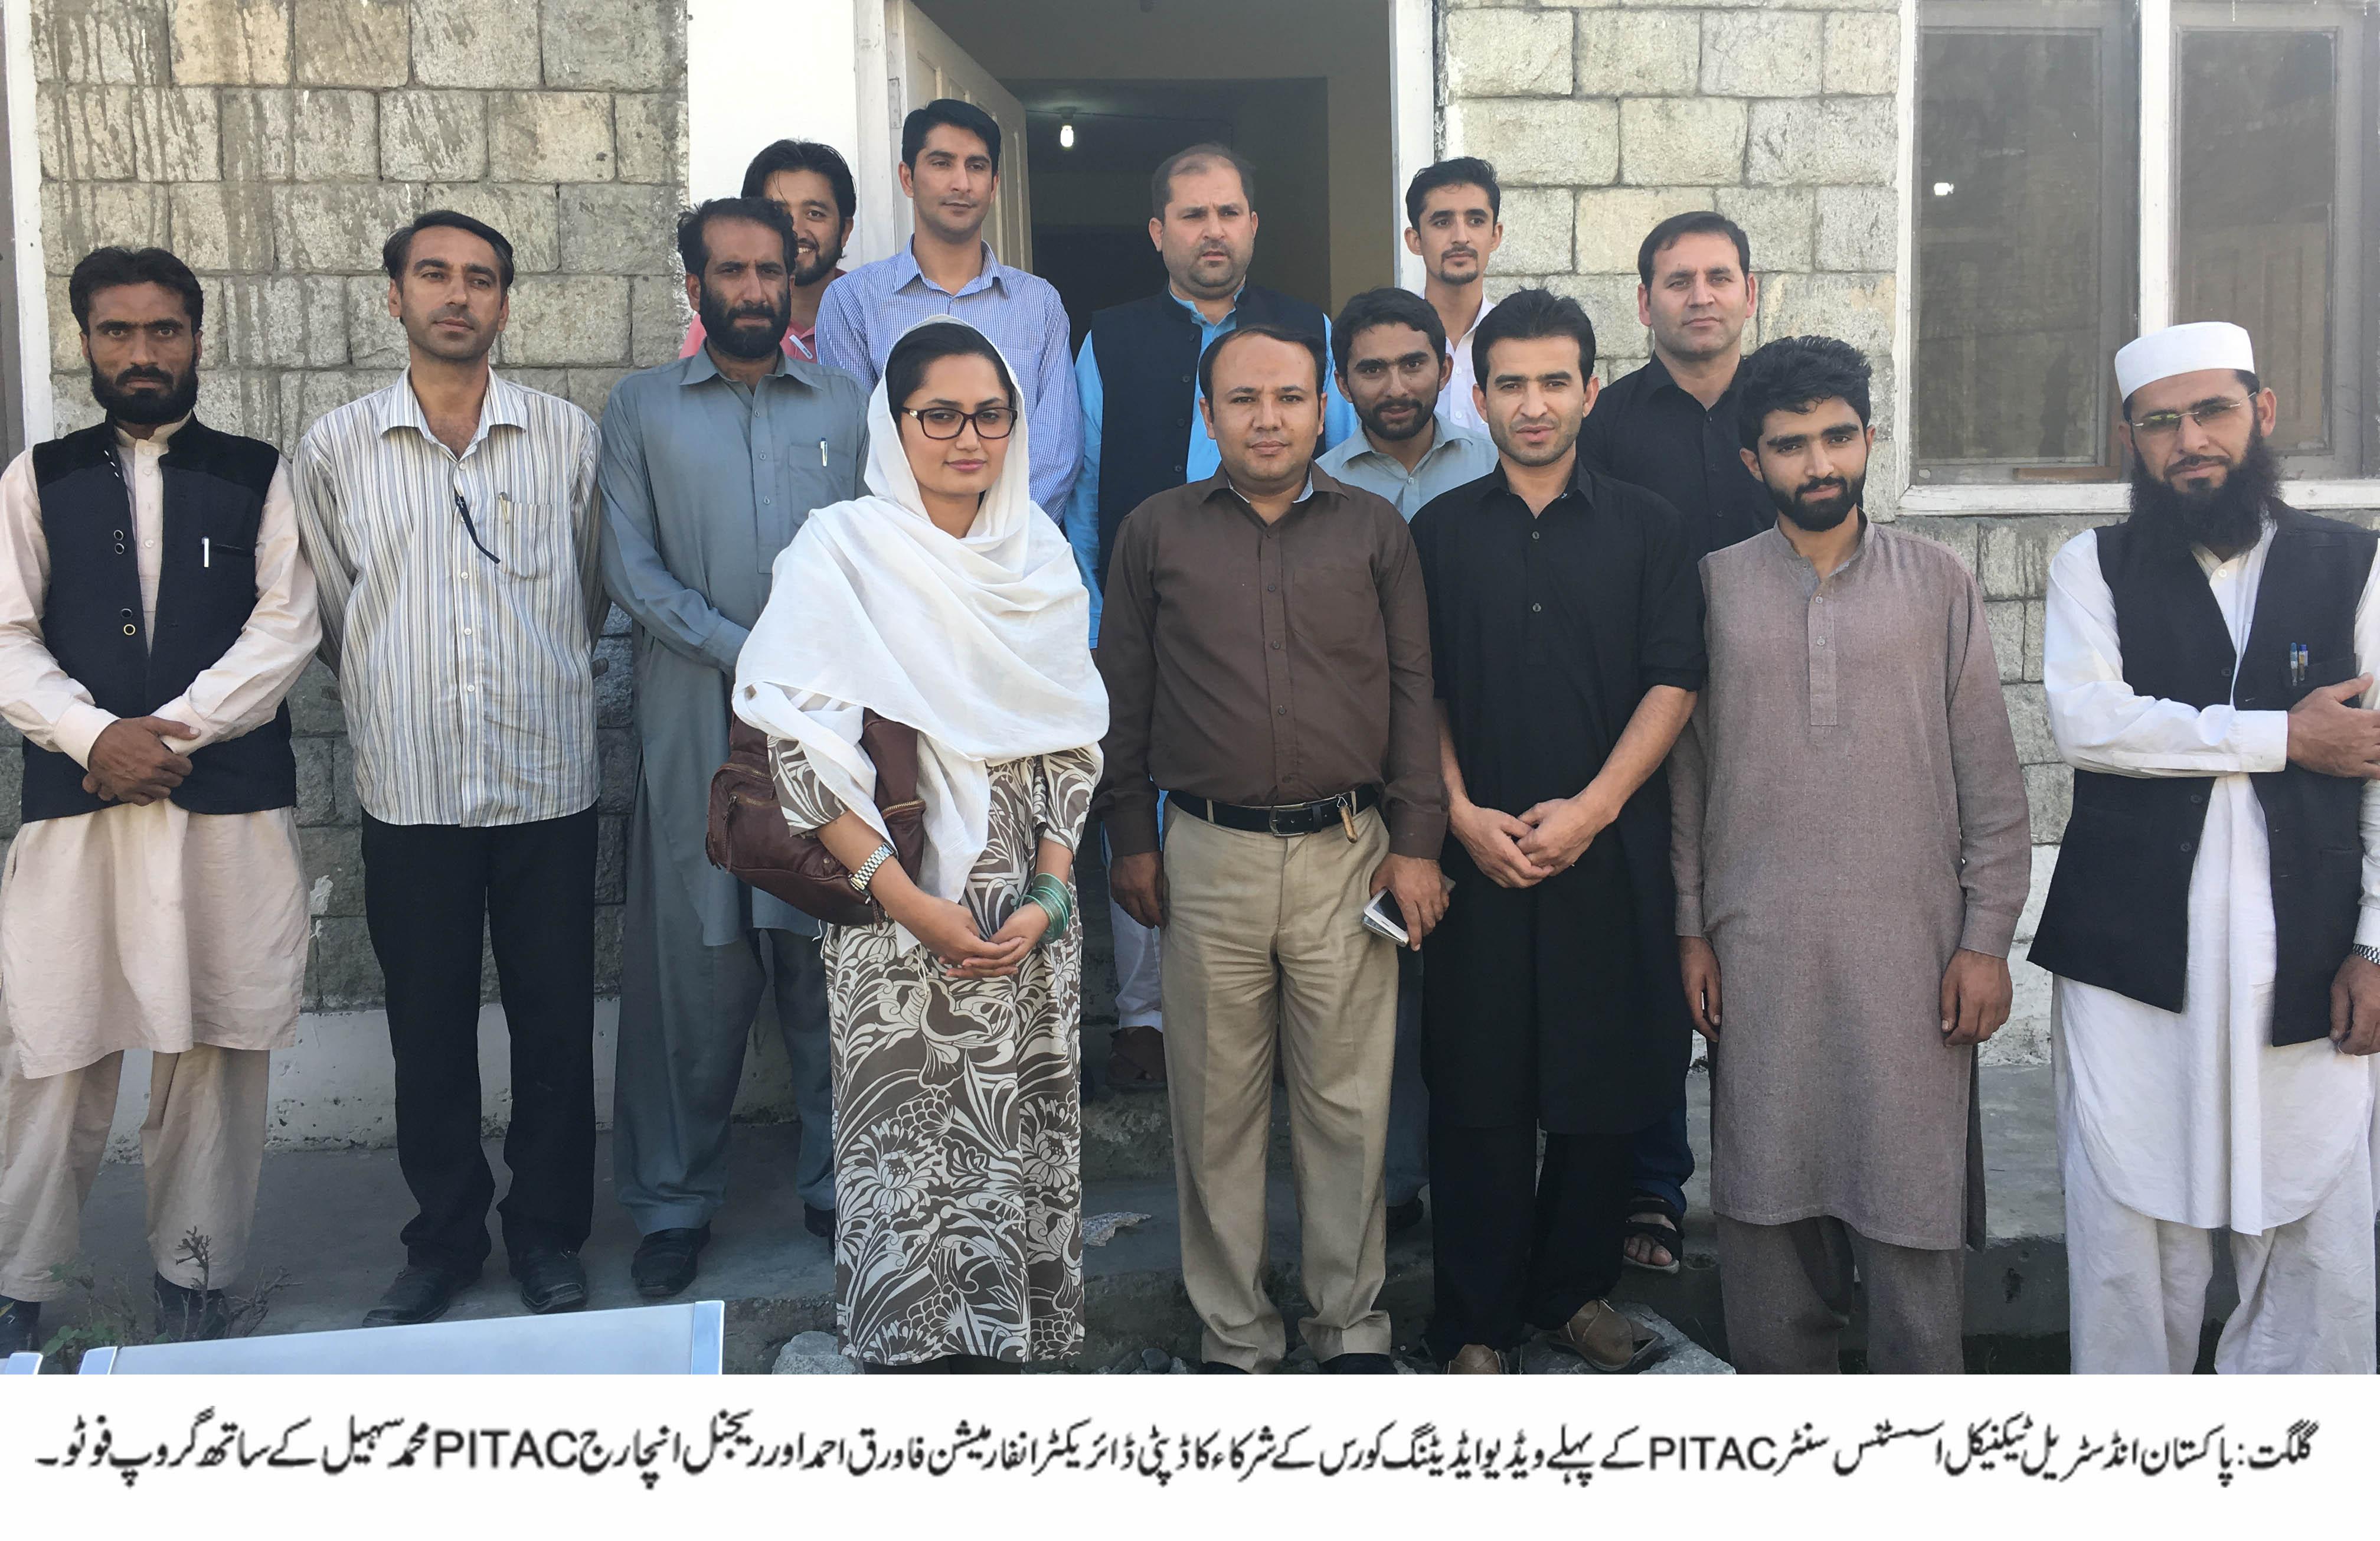 پاکستان انڈسٹریل ٹیکنیکل اسسٹنس سنٹر گلگت میں عامل صحافیوں کو ویڈیو ایڈیٹنگ اور فوٹو شاپ کی تربیت دی جارہی ہے